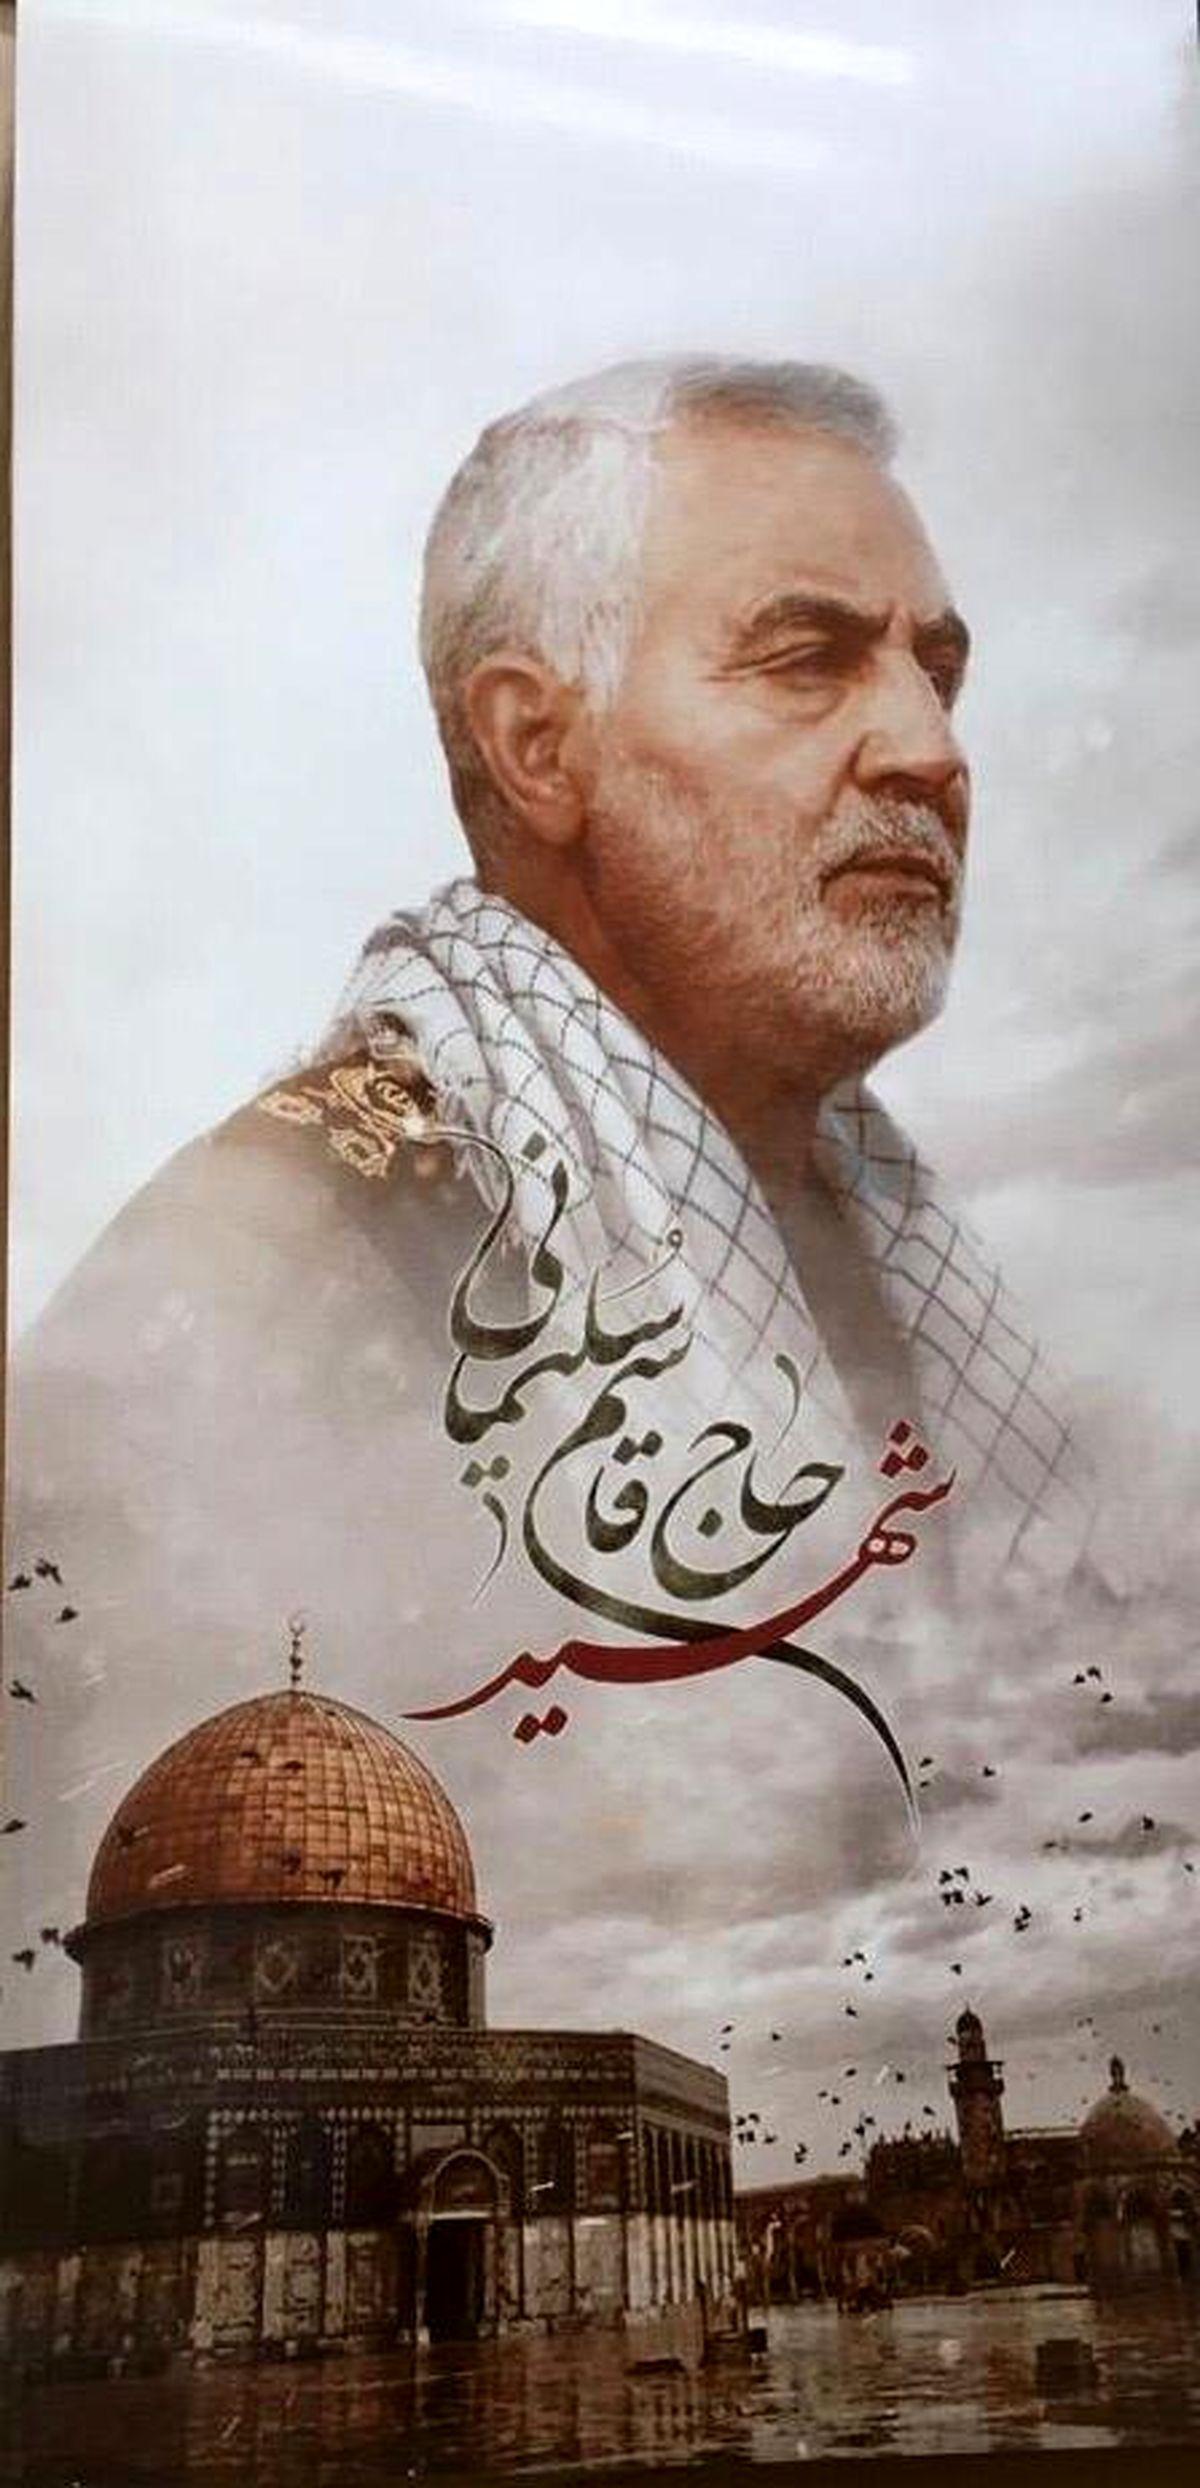 اهدای کاشی مزین به تصویر شهید سلیمانی به رسانههای حامی مقاومت و کارآفرینی